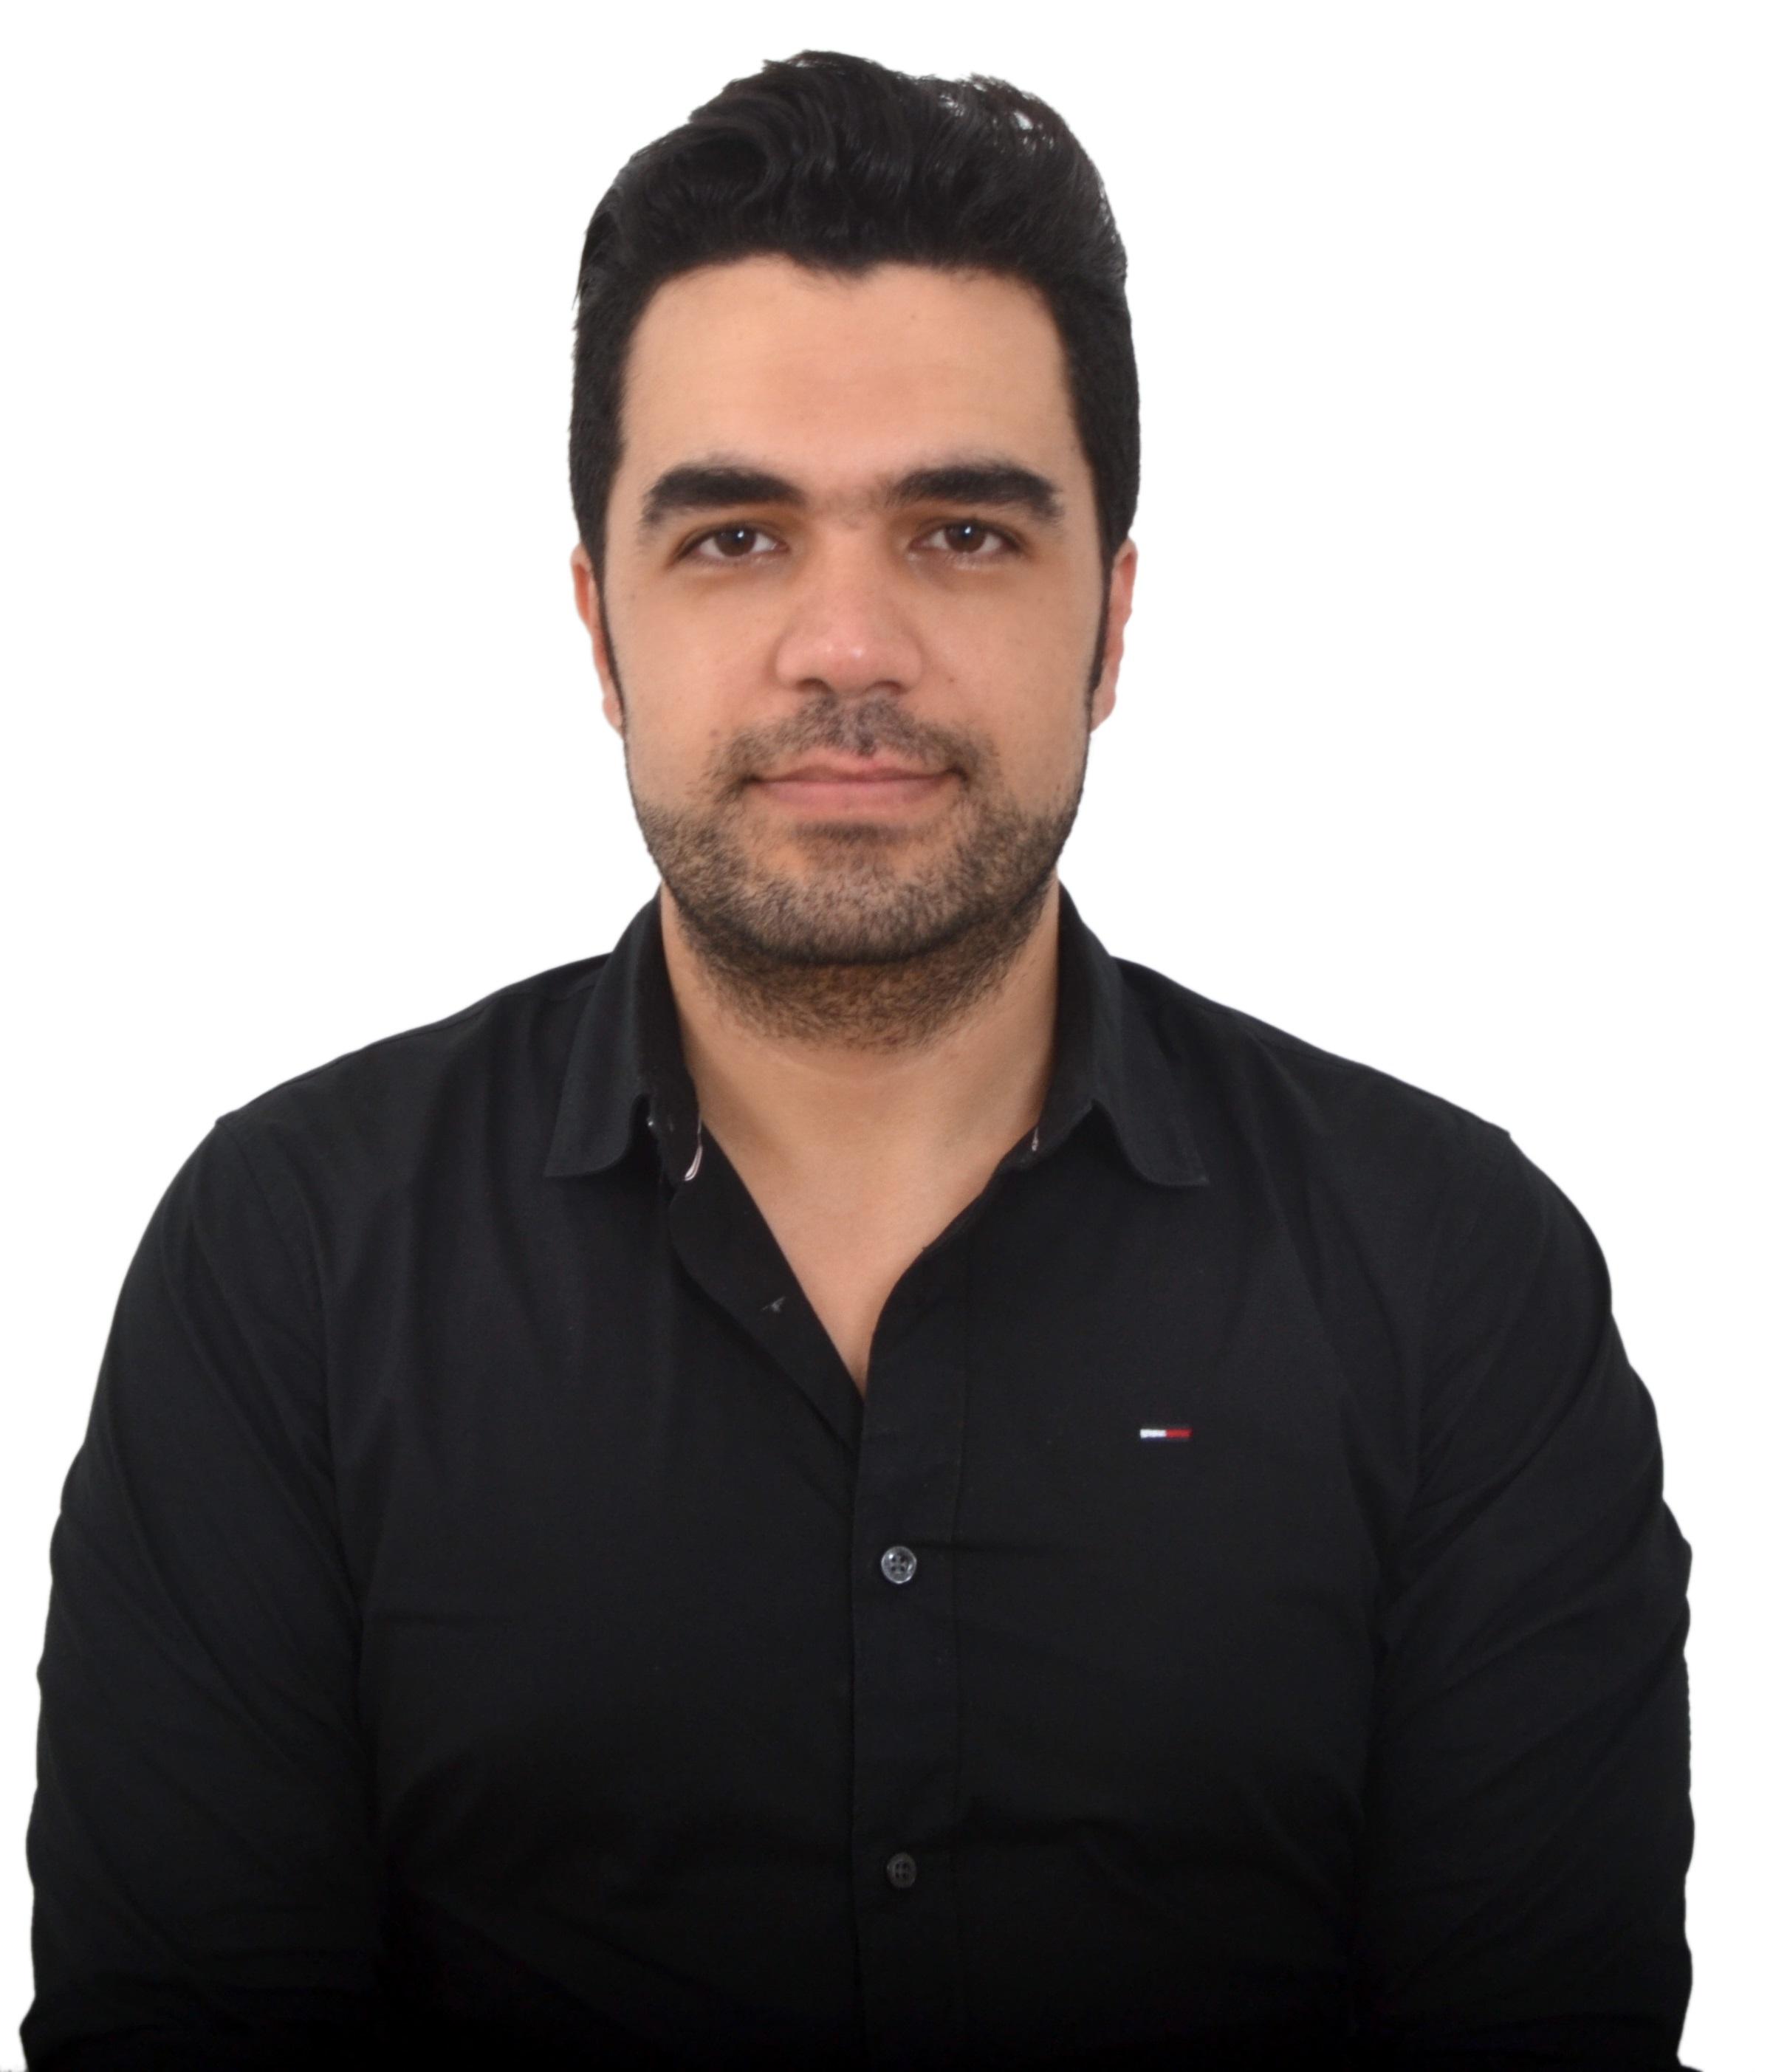 Mohamed Abd Elnaser Mohamed Mohamed Ali